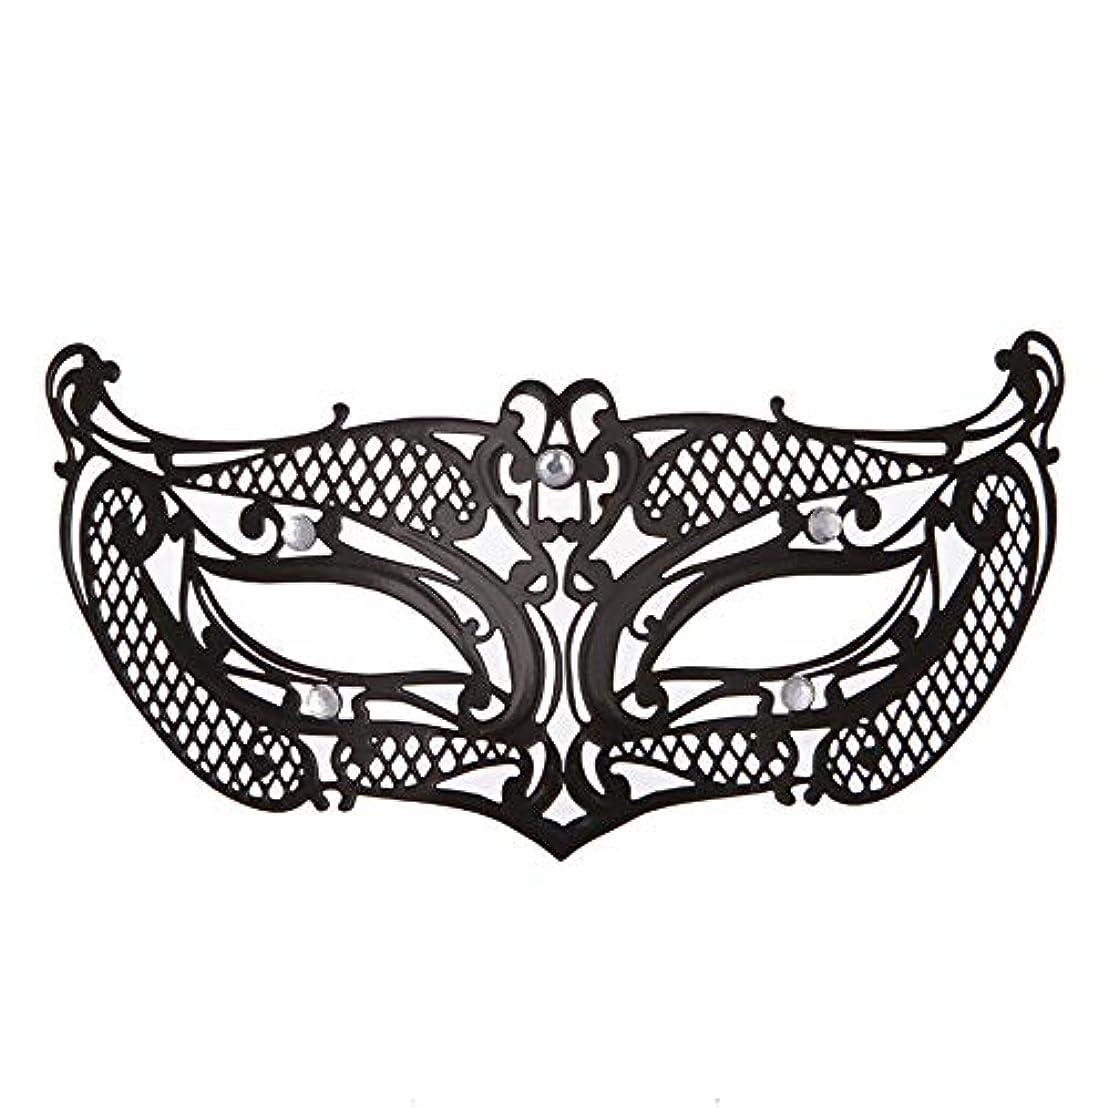 スパーク有益なインセンティブダンスマスク アイアンメタリックレースとダイヤモンドハーフマスクハロウィンダンスマスクナイトクラブボールマスクコスプレパーティーハロウィンマスク ホリデーパーティー用品 (色 : ブラック, サイズ : 19x8cm)